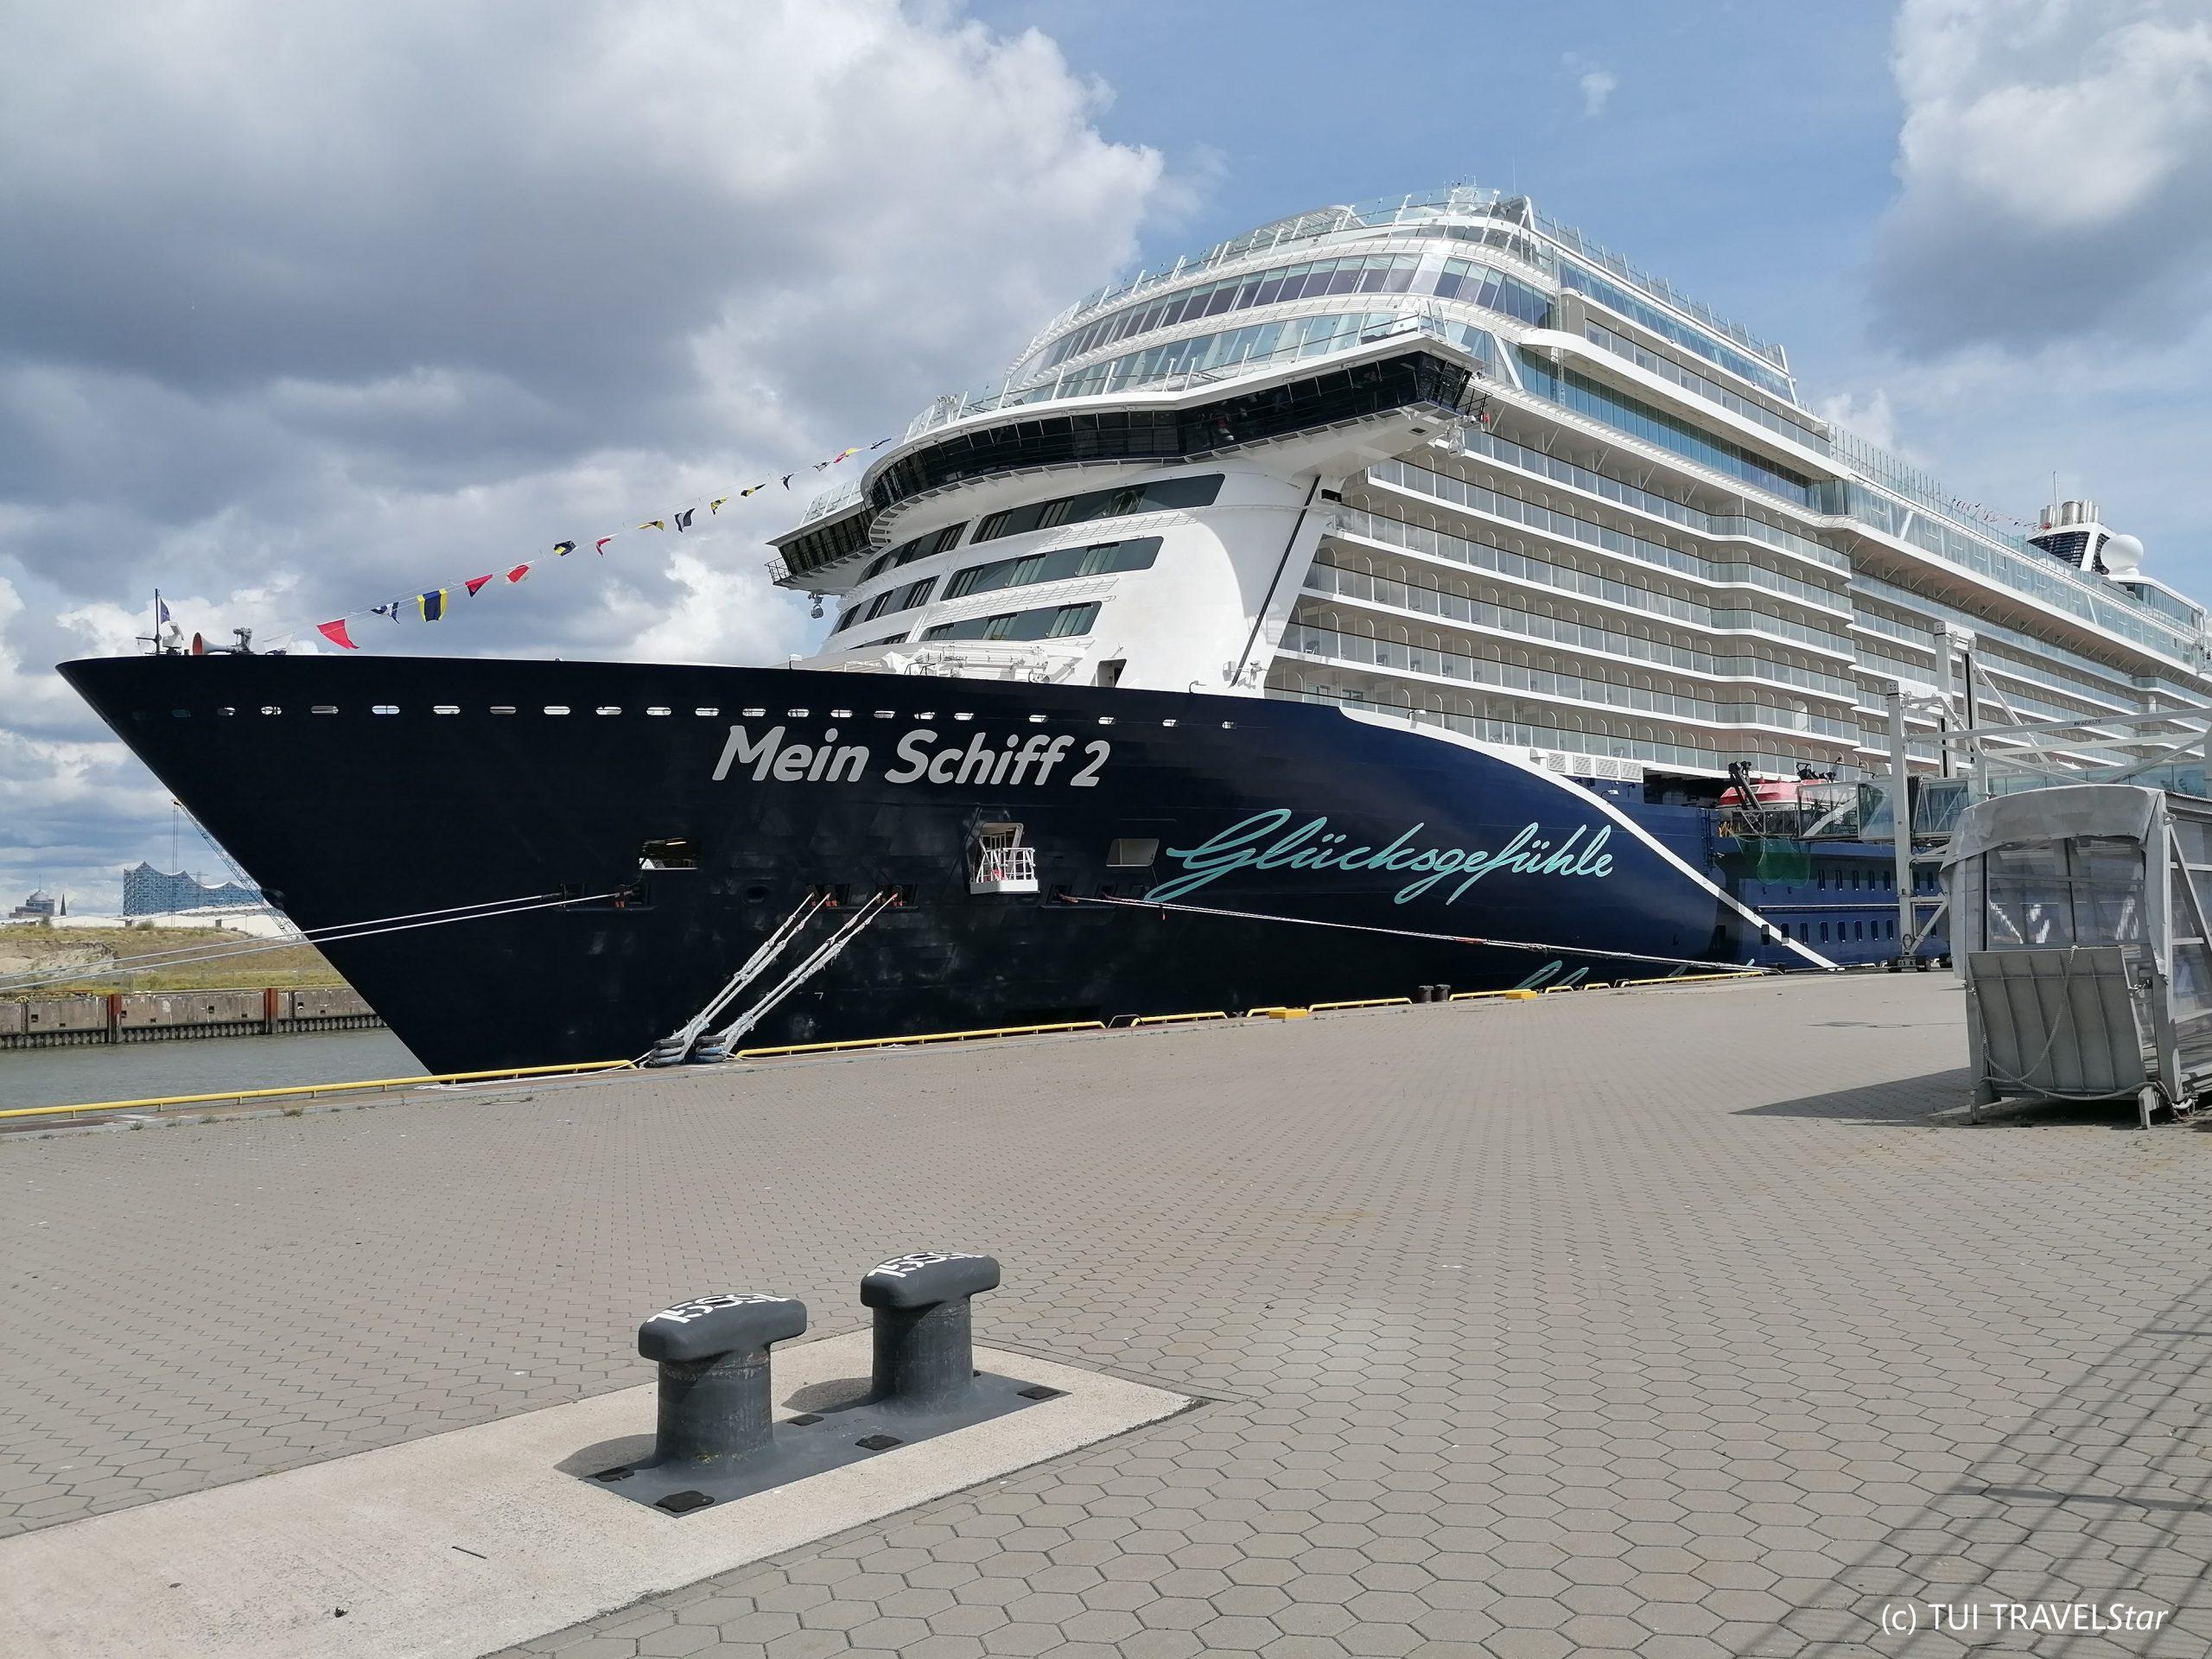 Kreuzfahrt, trotz Corona – Mit der Mein Schiff 2 auf Panoramafahrt von Hamburg nach Oslo